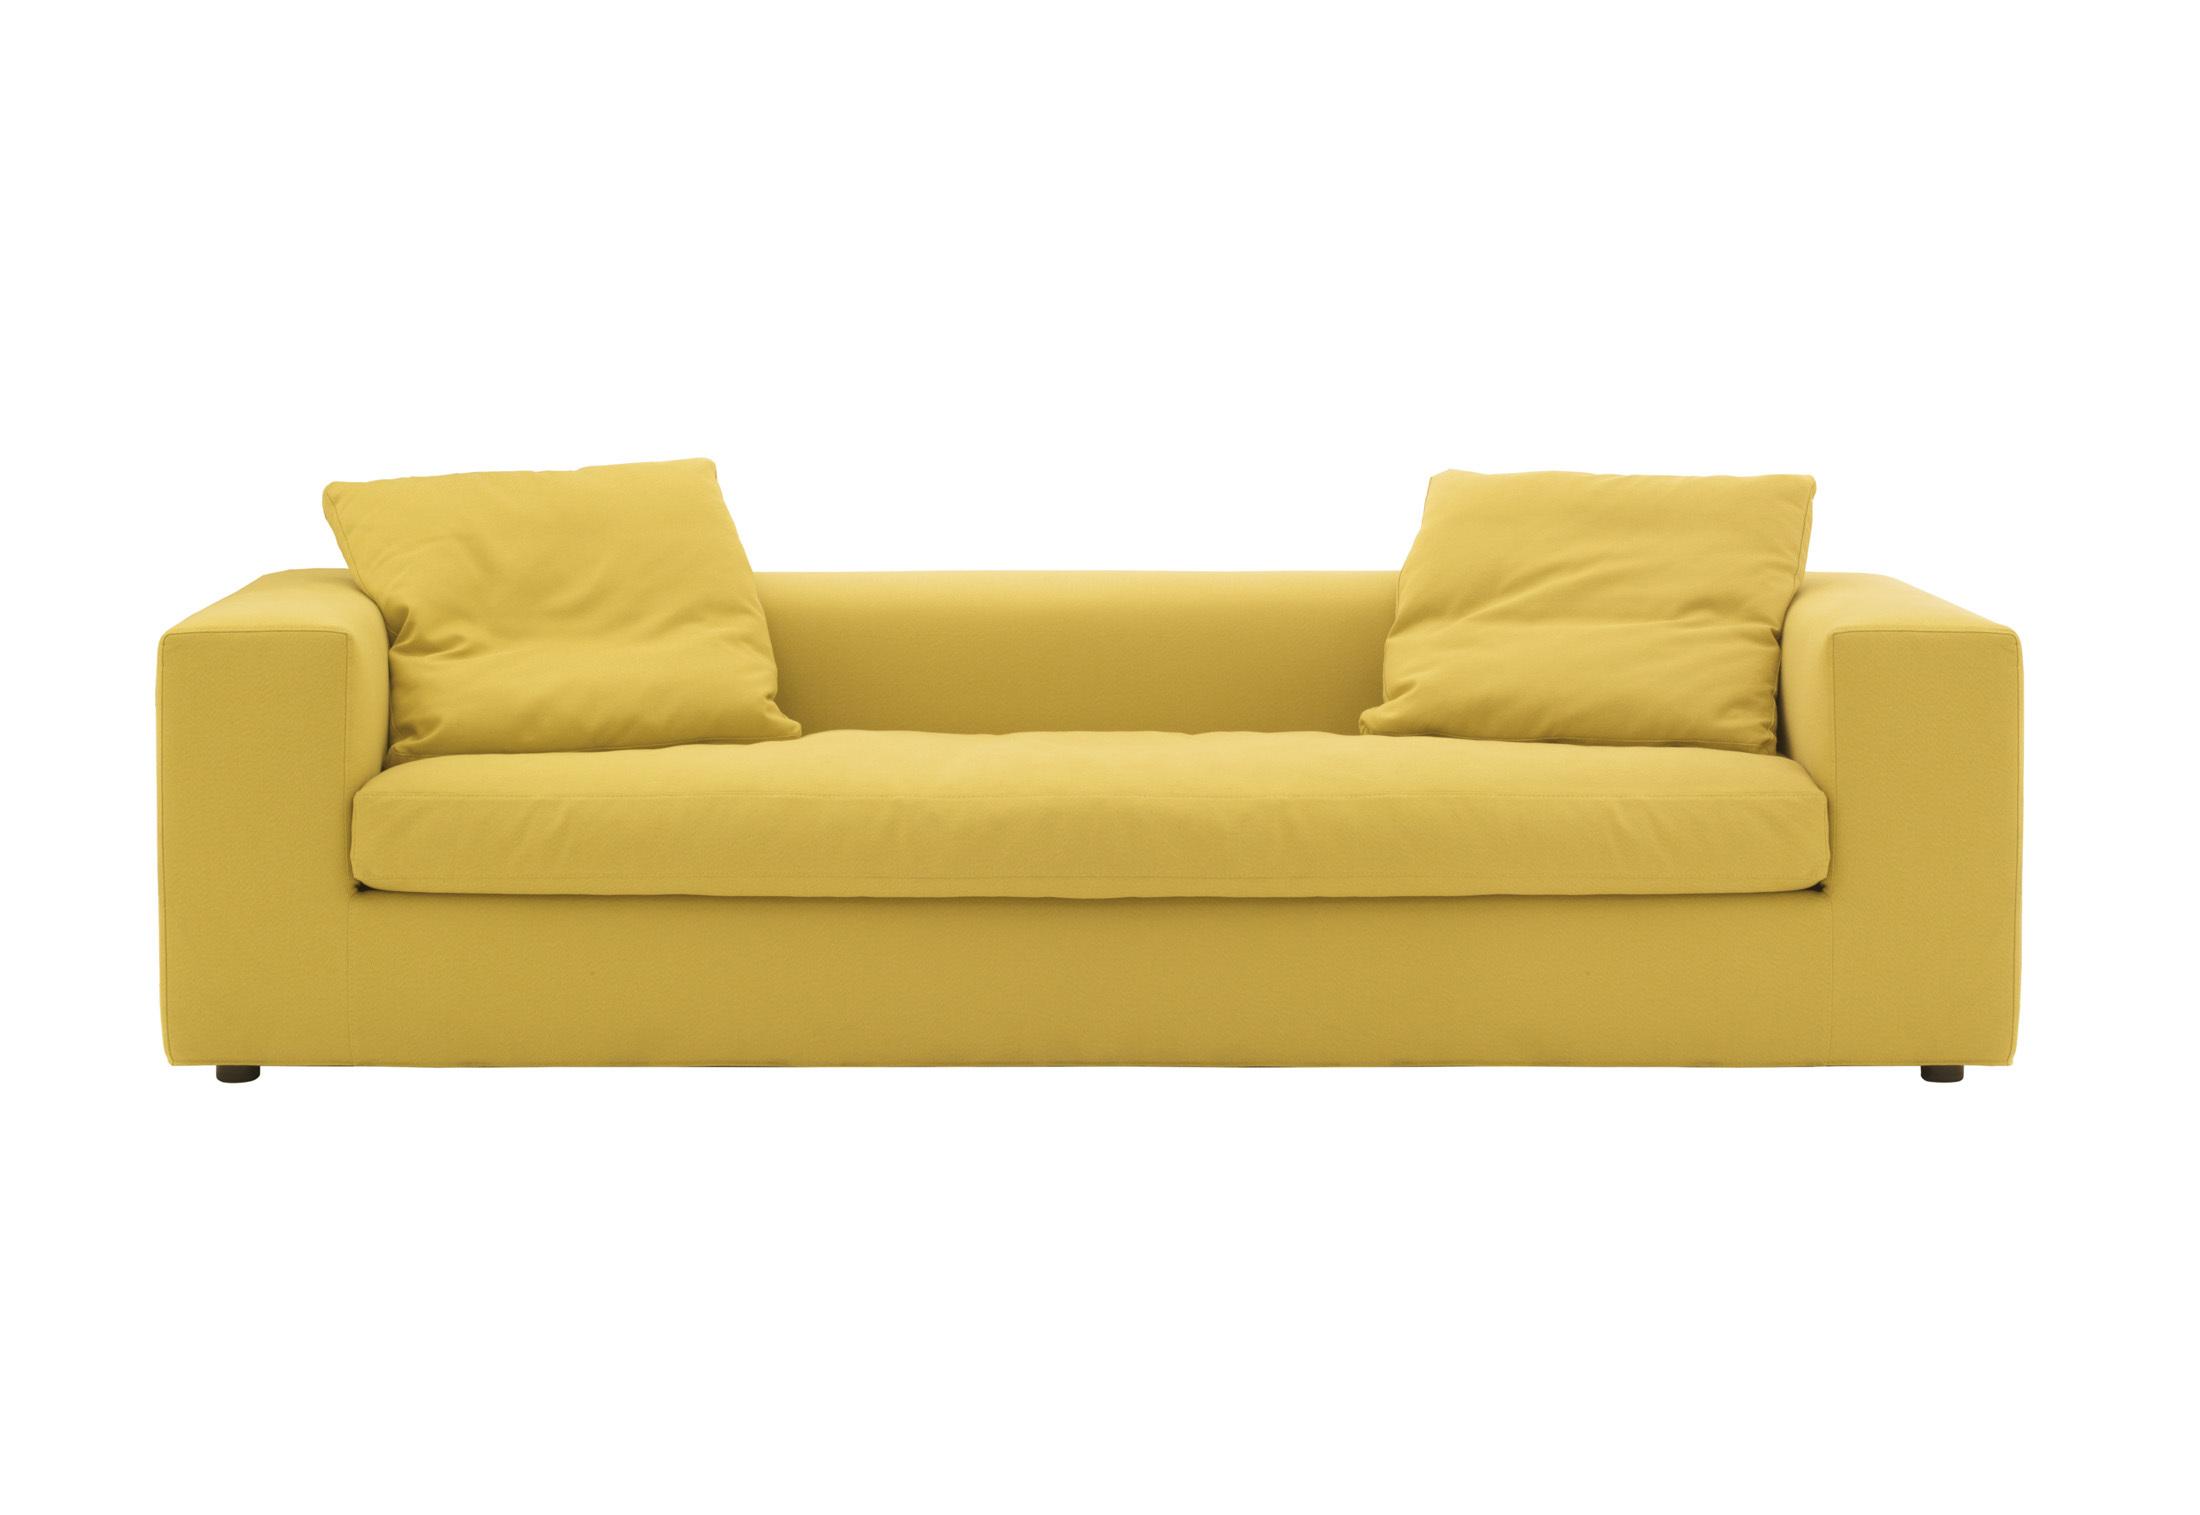 Cuba 25 Sofa Bed